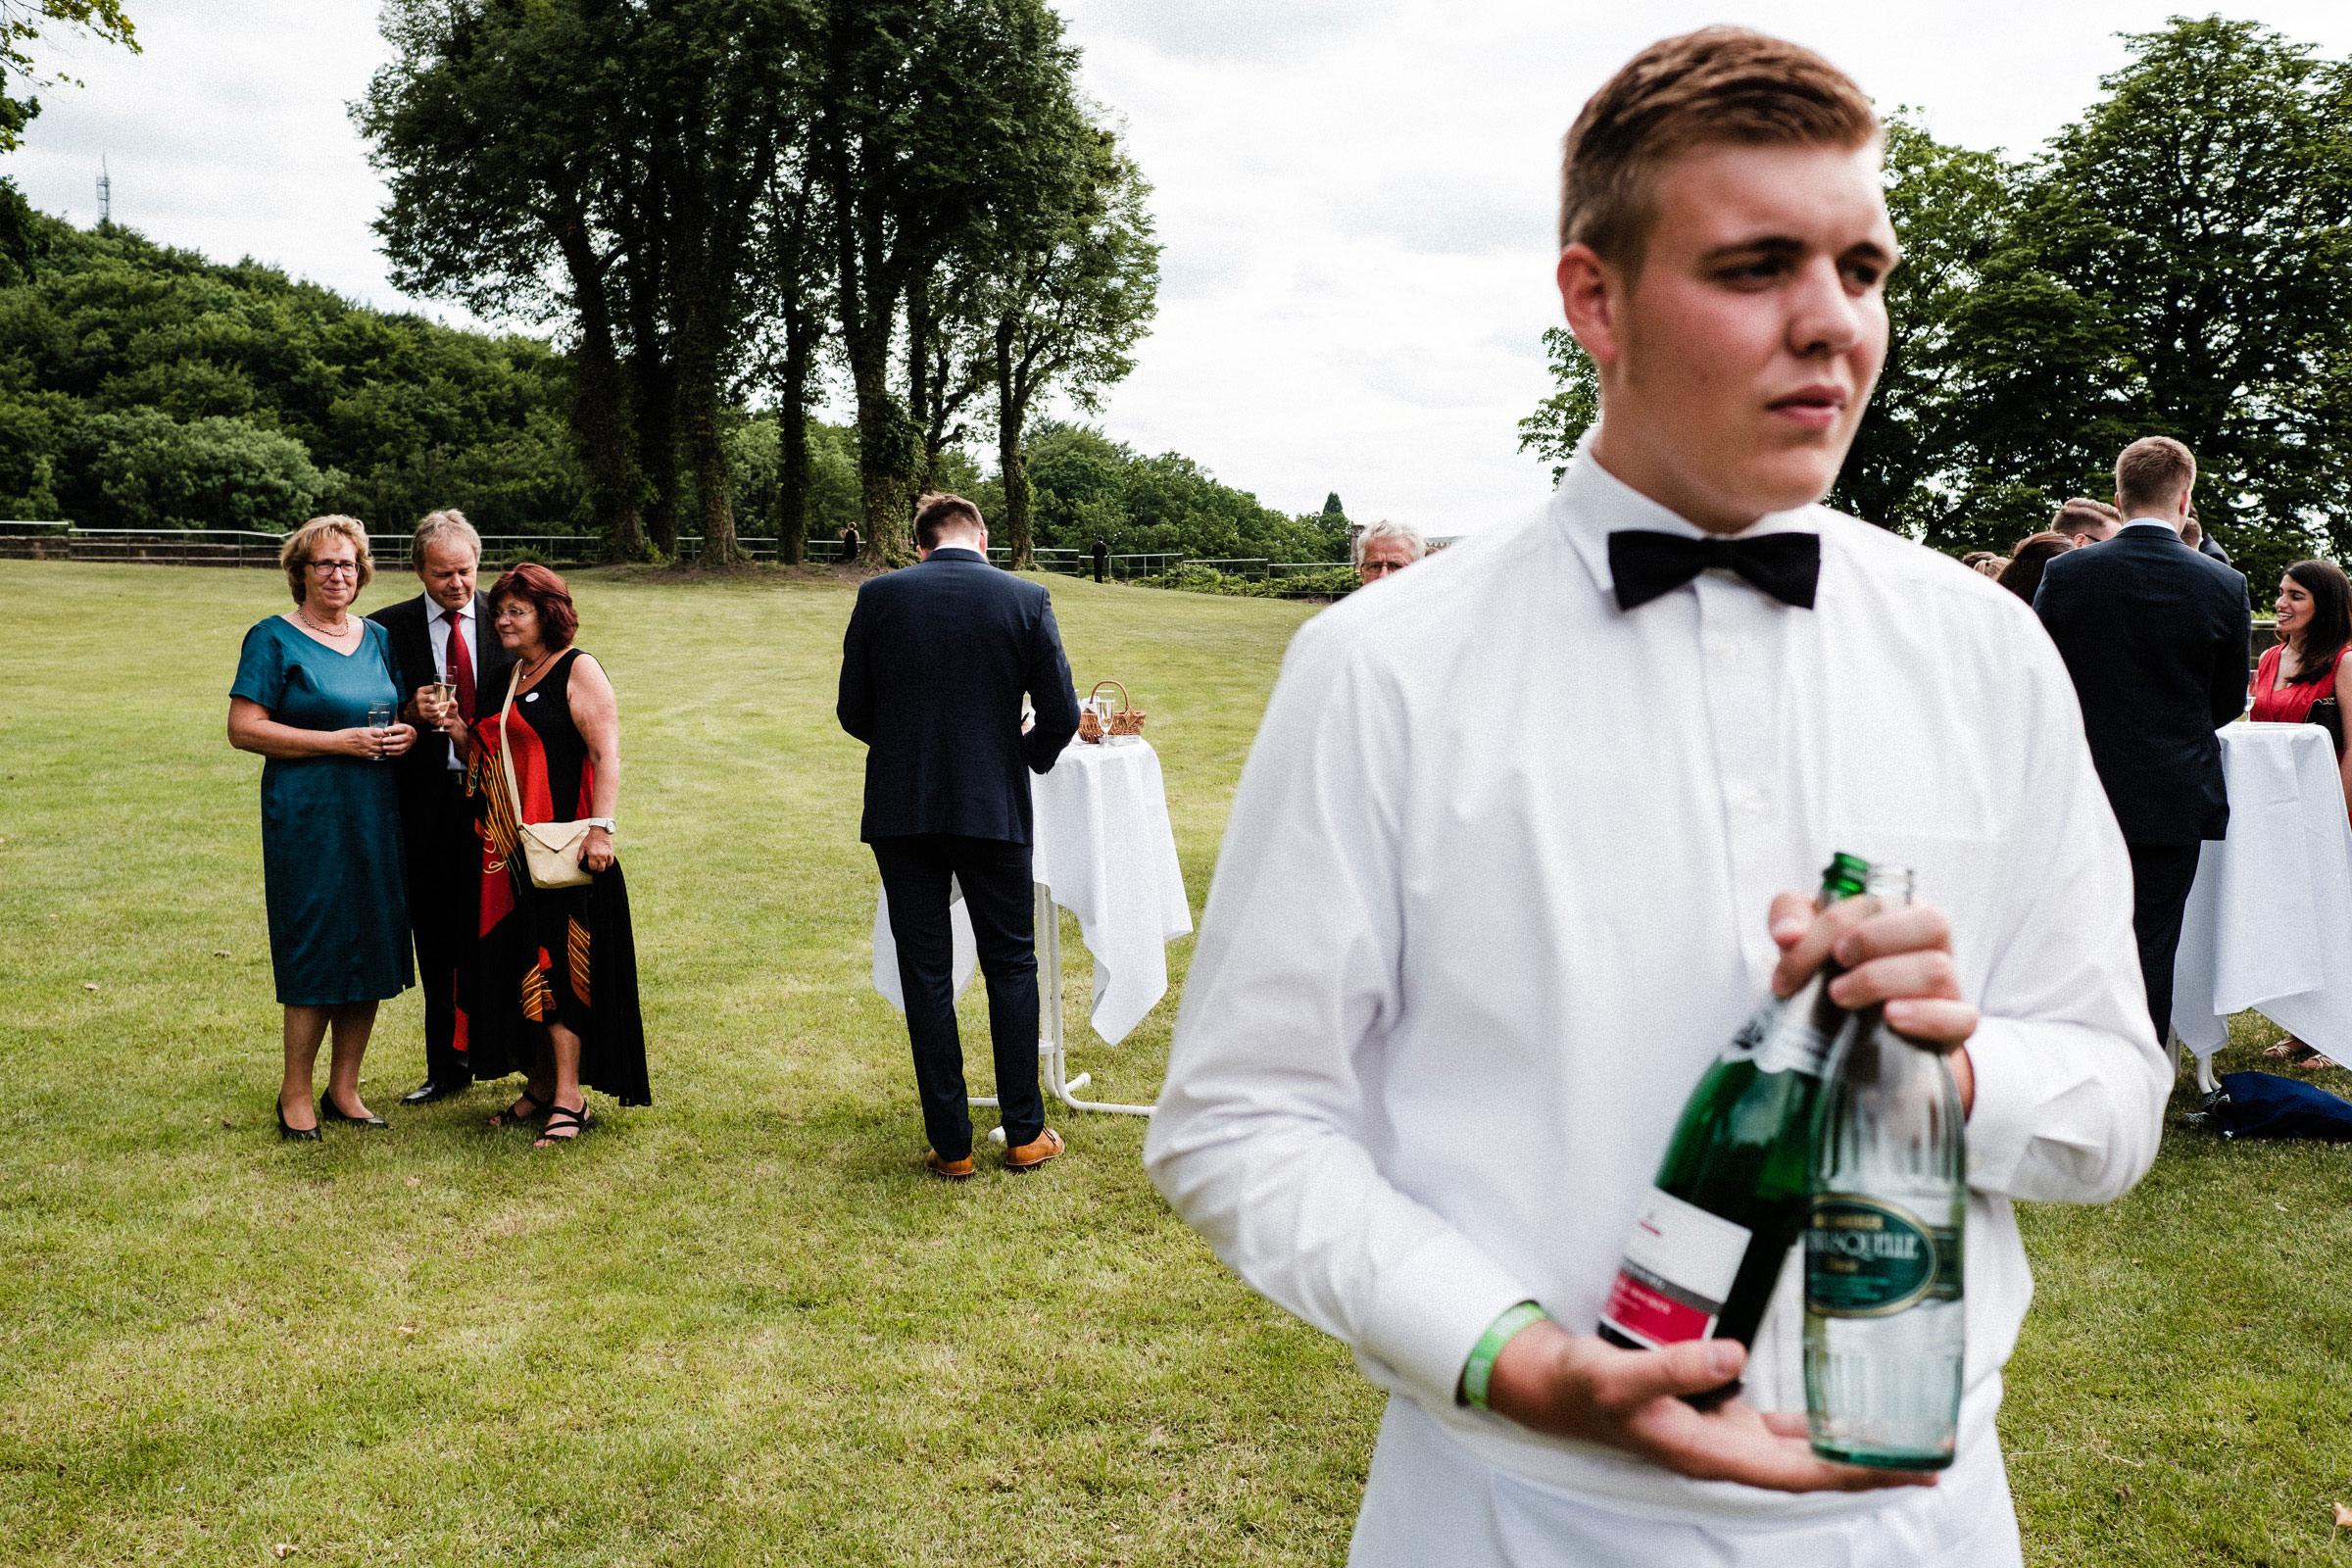 Sektempfang auf der Hochzeitsfeier in Hardenberg